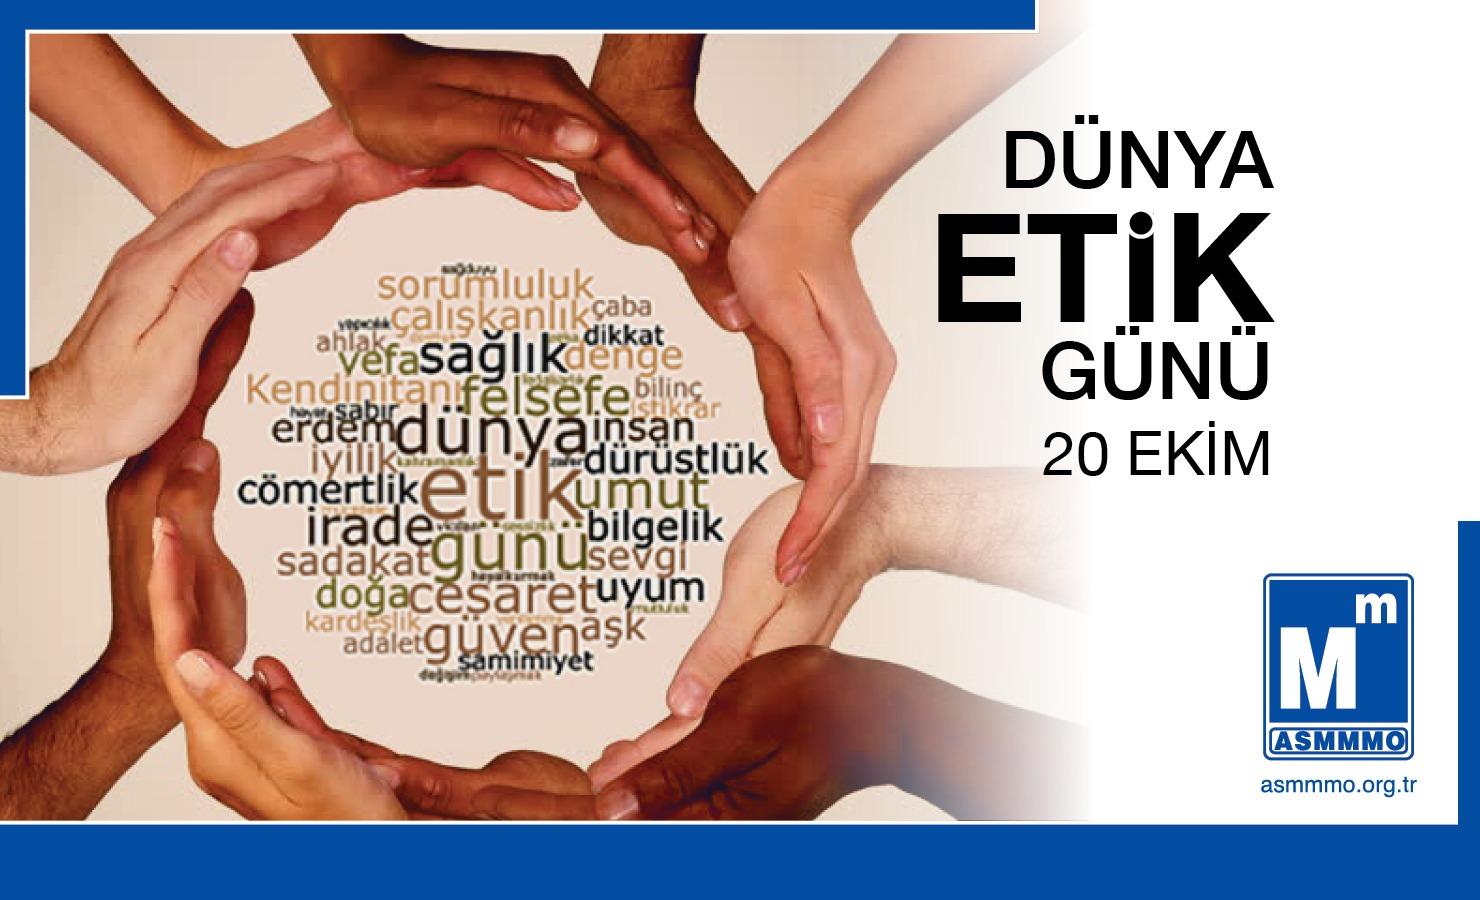 20 Ekim Dünya Etik Günü